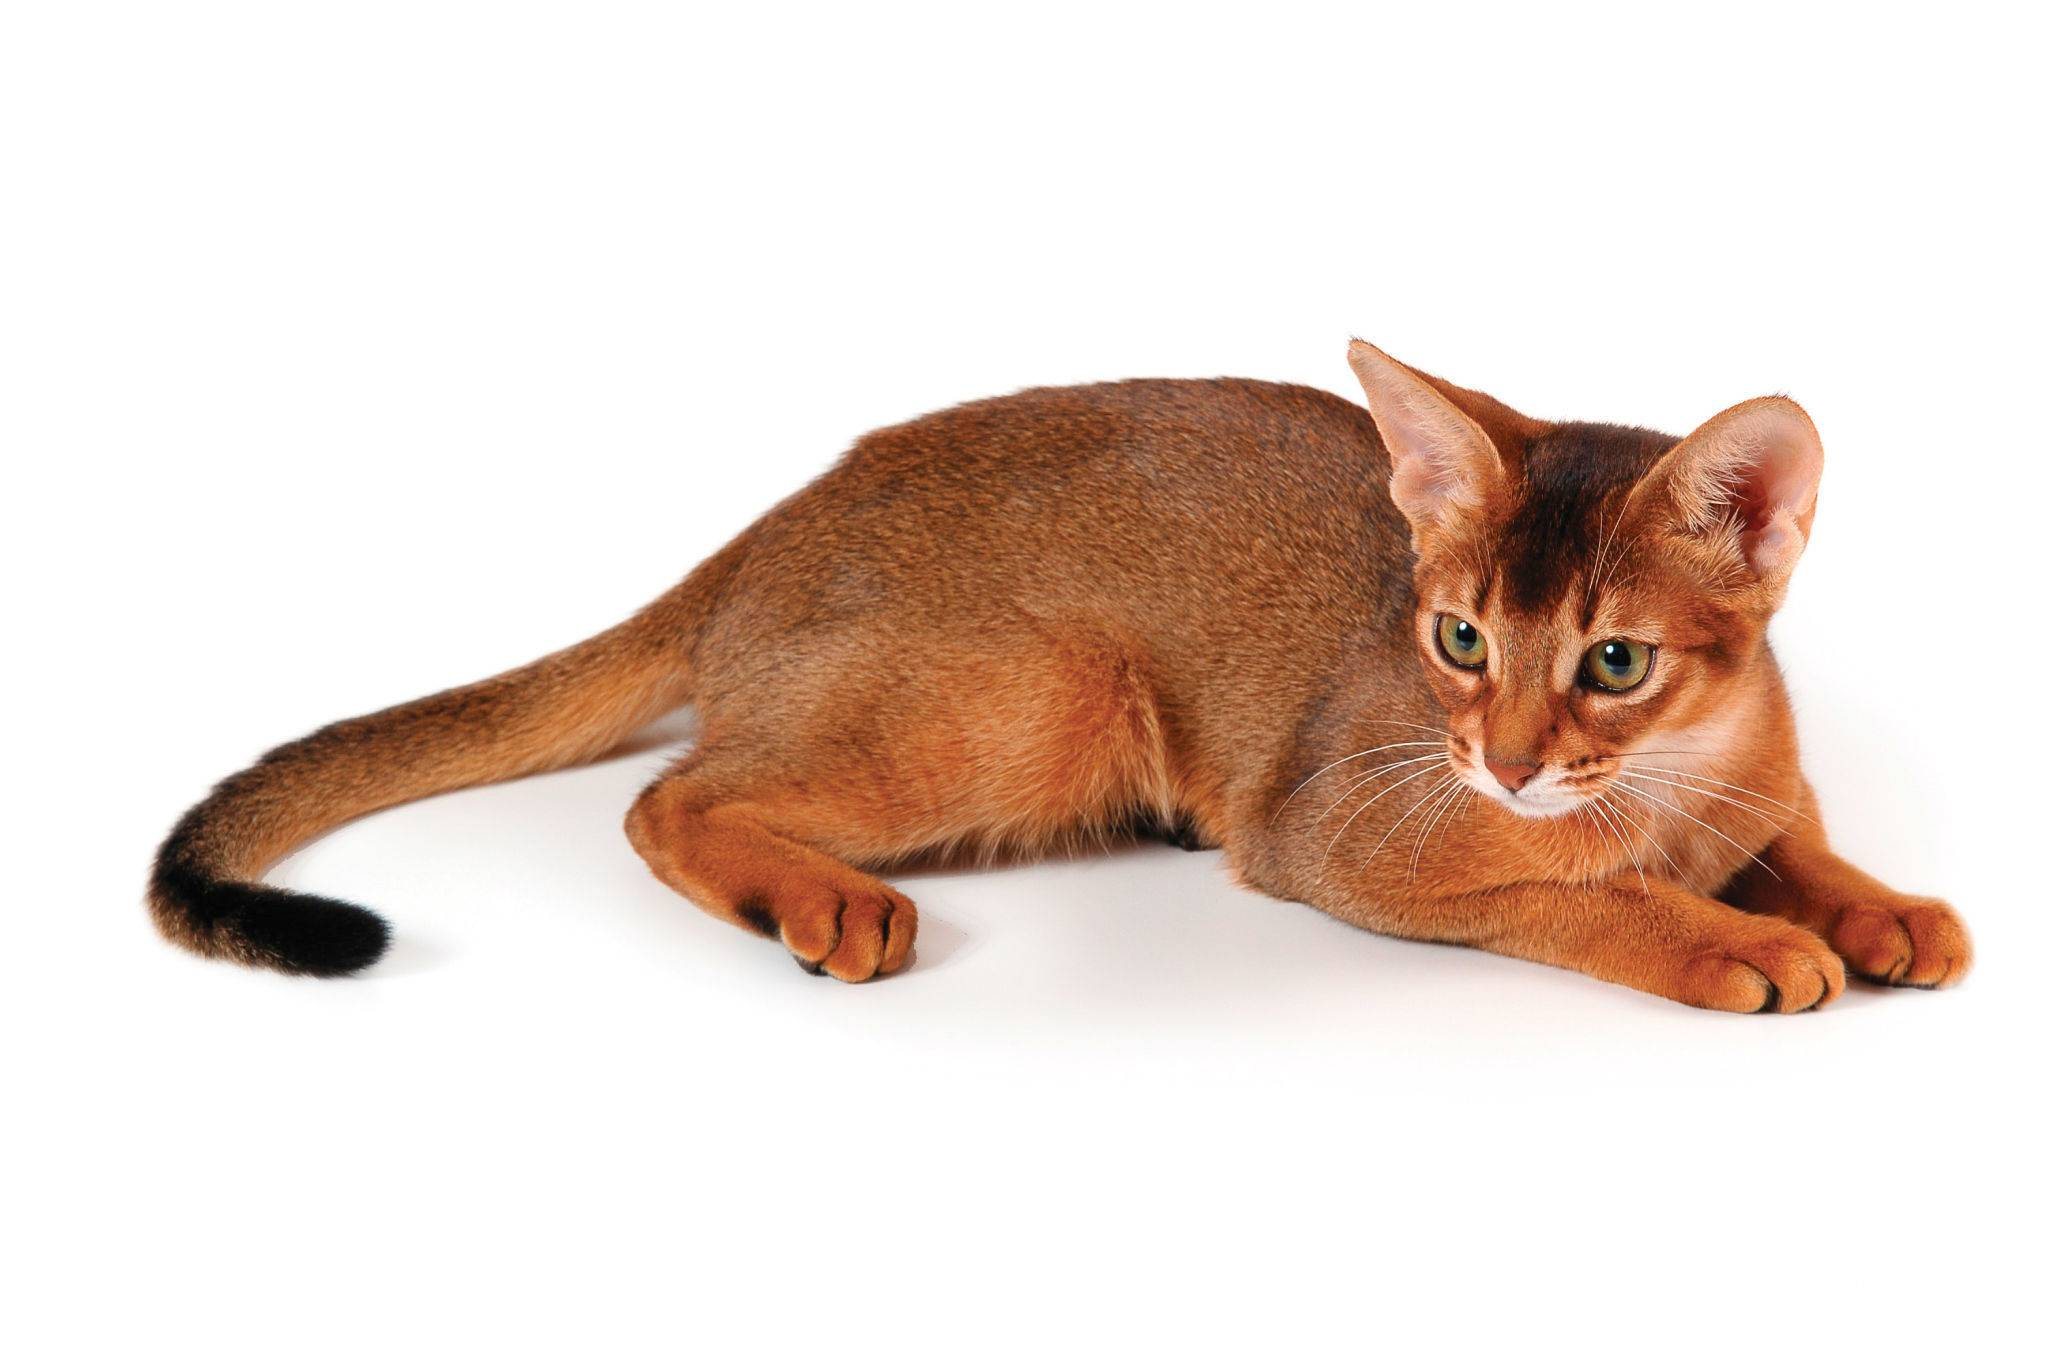 Абиссинская кошка: происхождение породы, стандарты внешнего вида, особенности характера, правила ухода и кормления, выбор котенка, фото